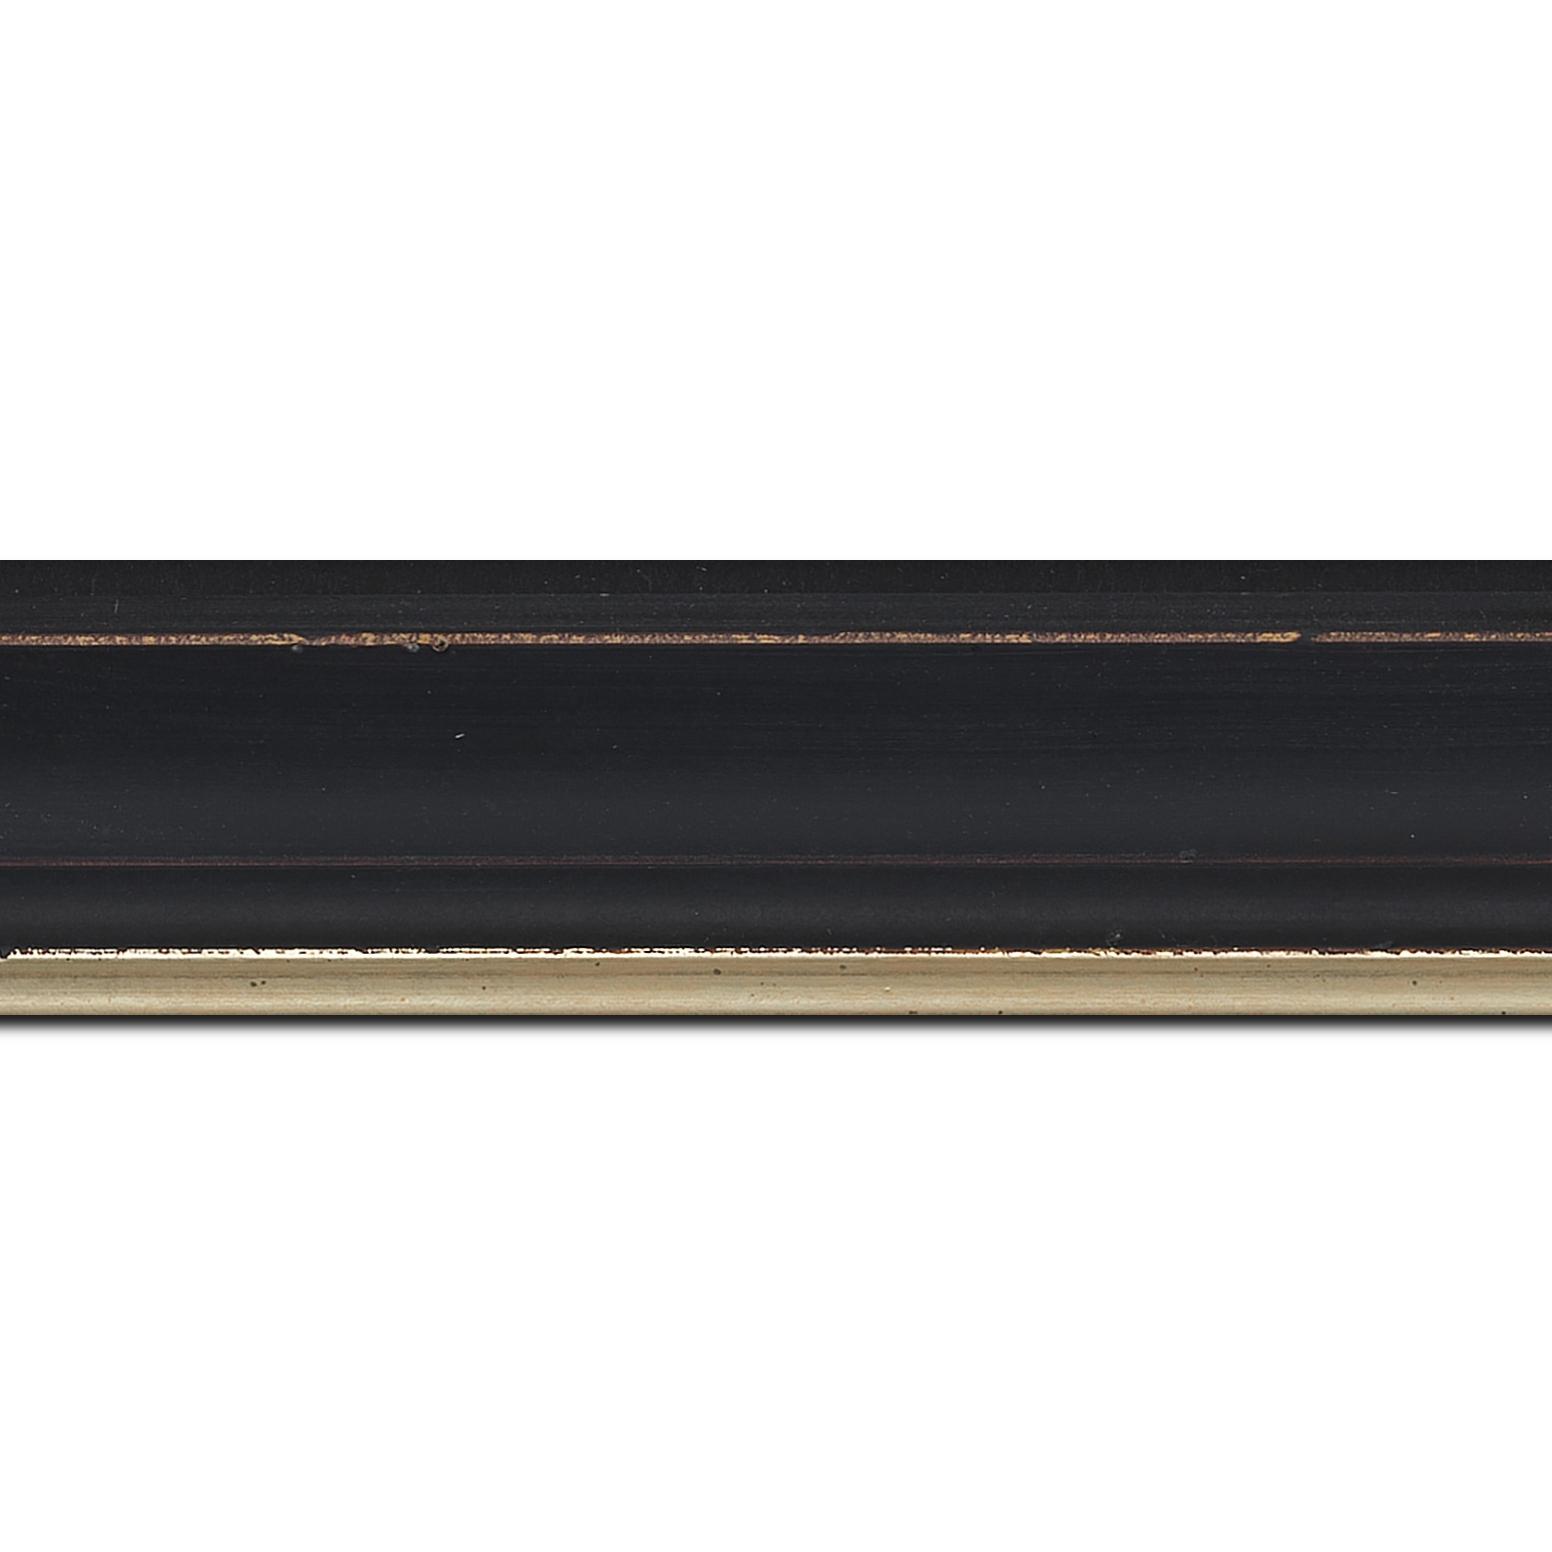 Pack par 12m, bois profil incurvé largeur 4.2cm couleur noir filet or fondu finition nature   (longueur baguette pouvant varier entre 2.40m et 3m selon arrivage des bois)